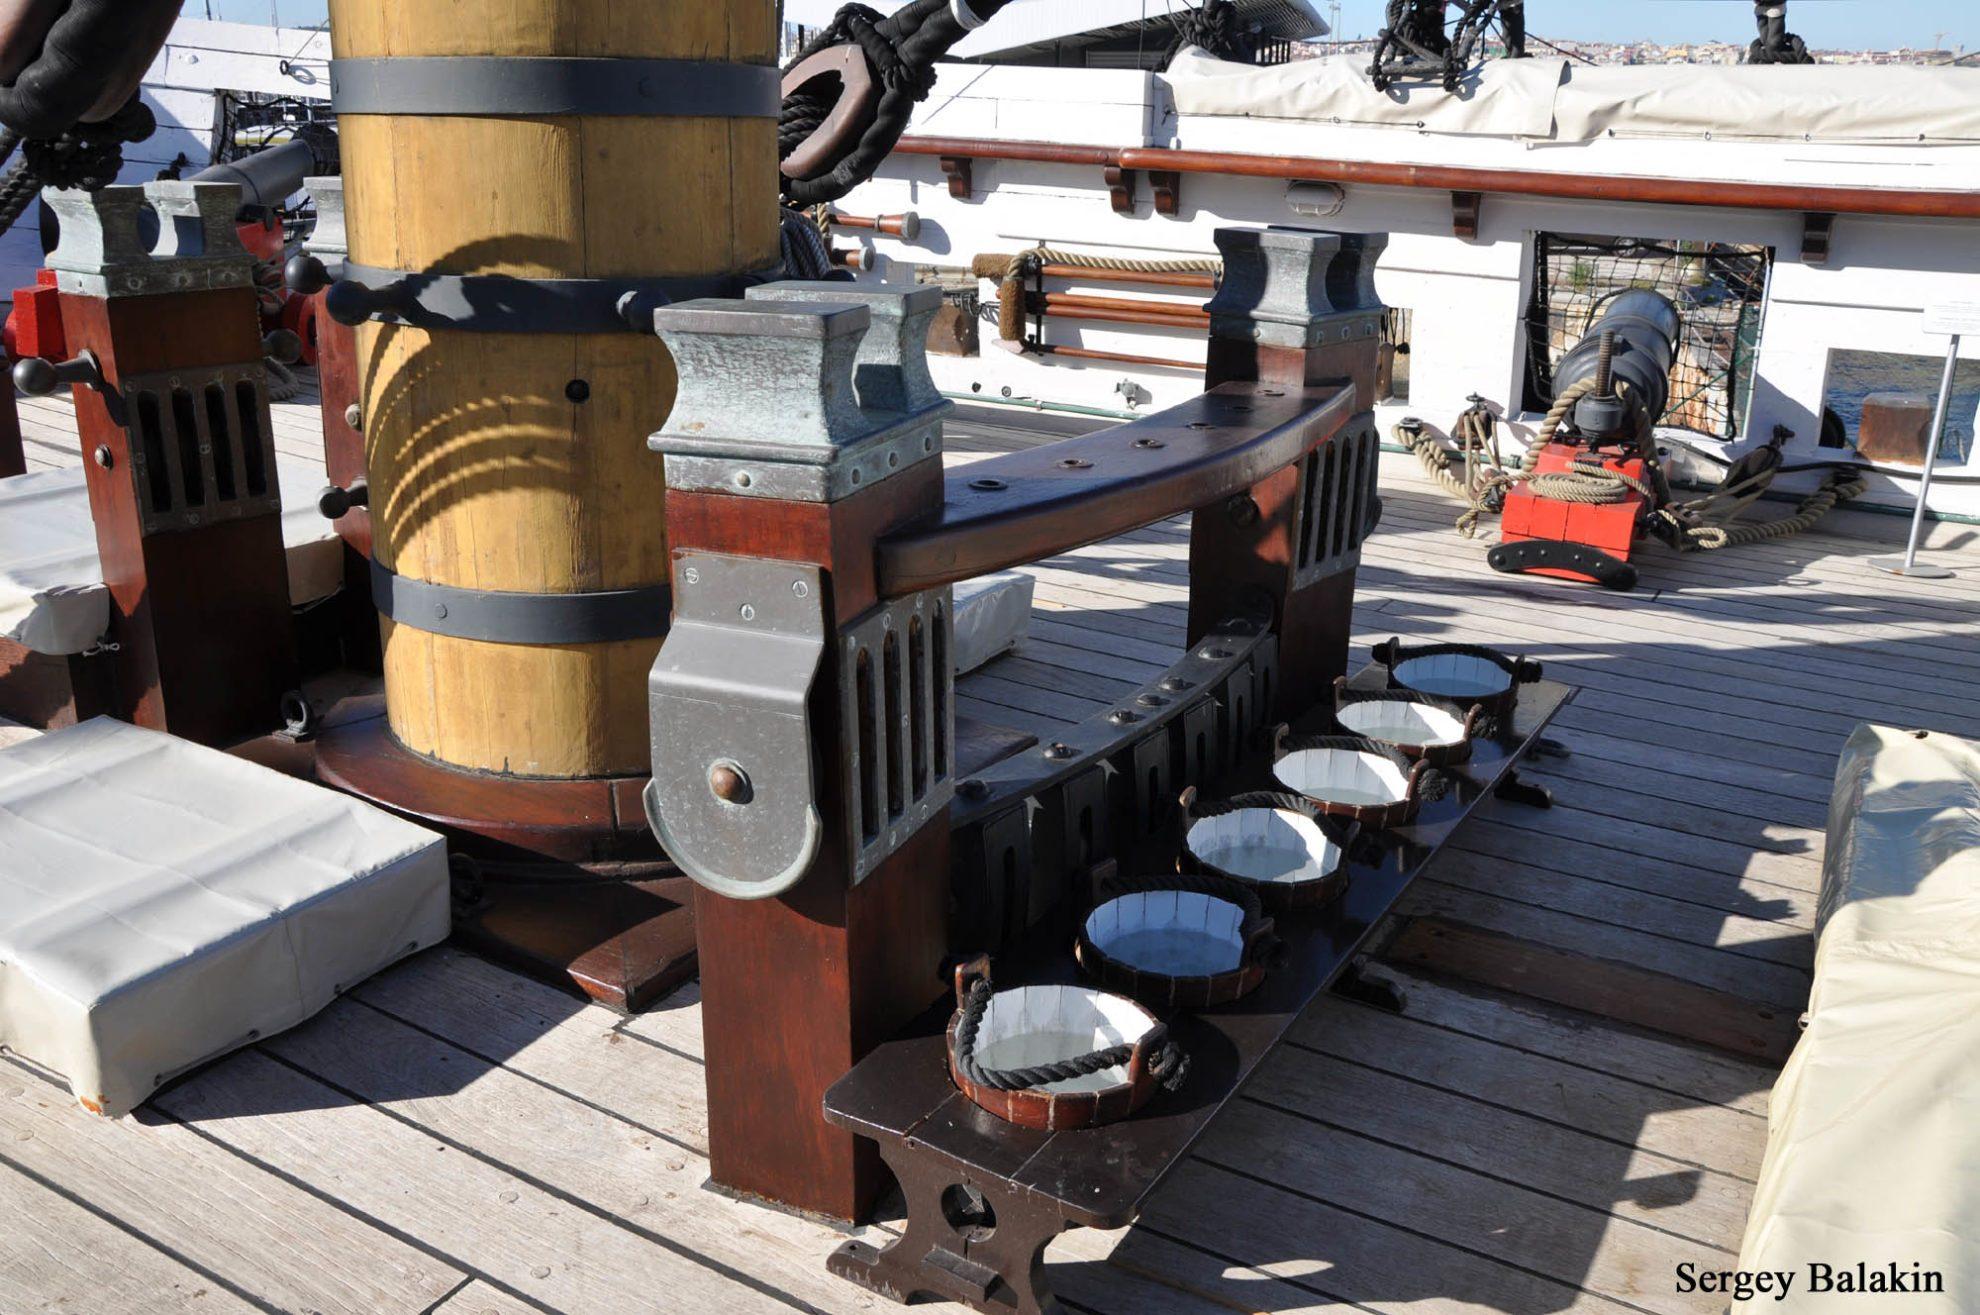 Еще один пример великолепной реконструкции: фок-мачту окружают аутентичные битенги с кофель-нагельными планками и даже кадки с водой!